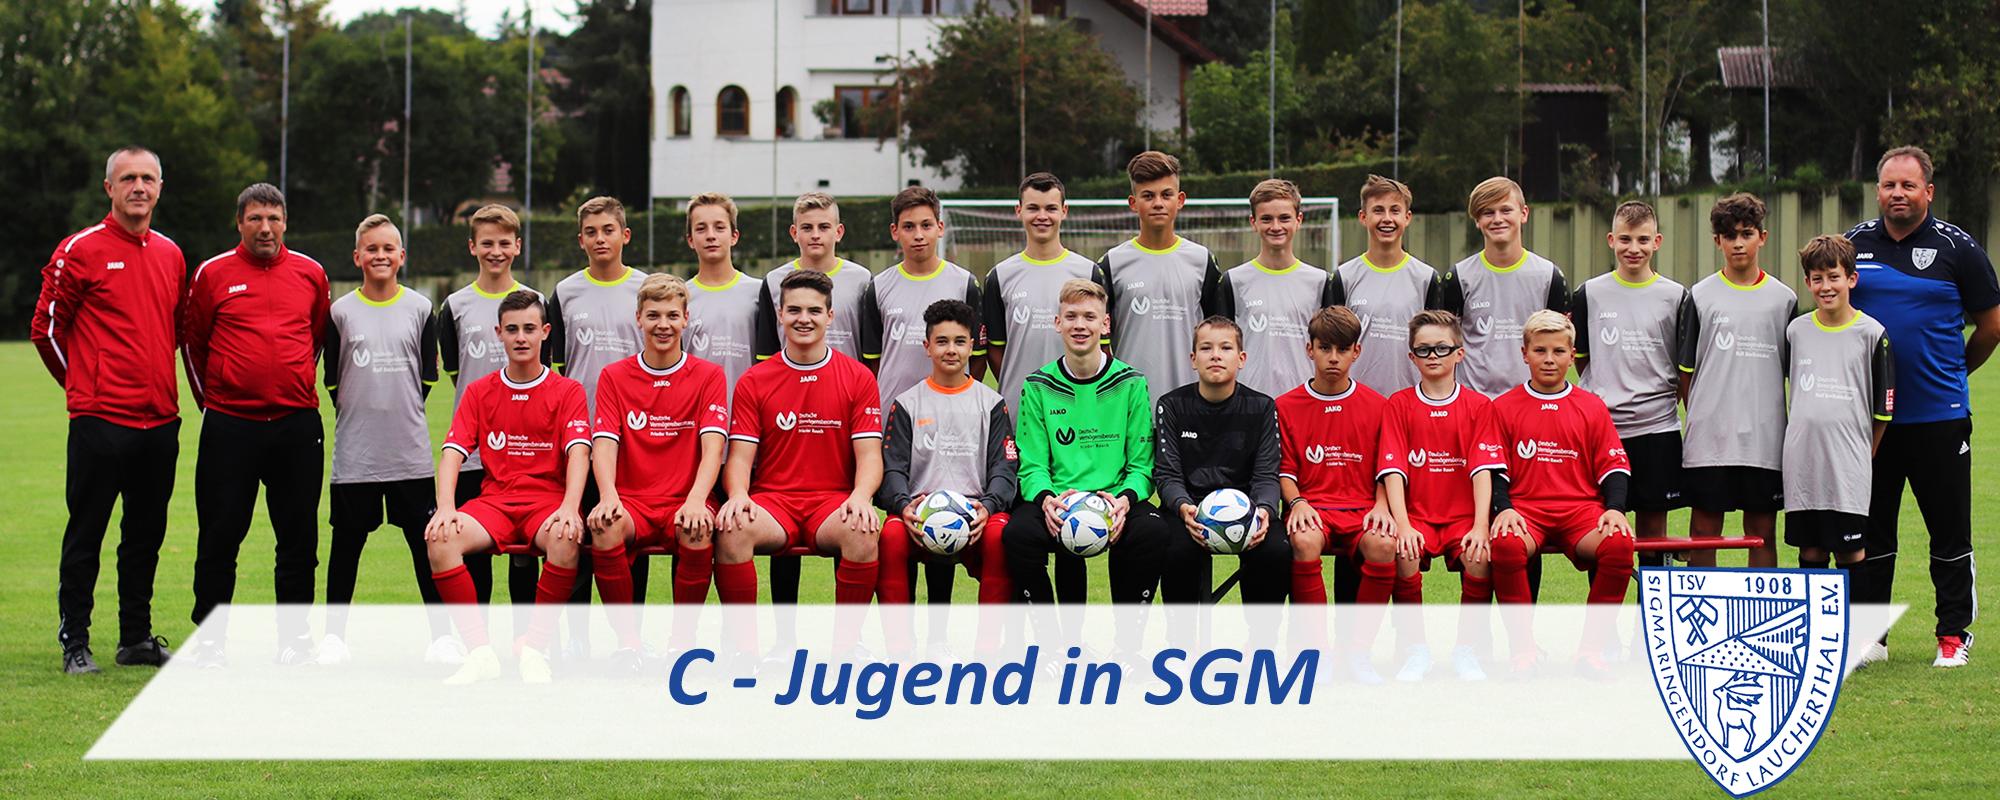 C - Jugend